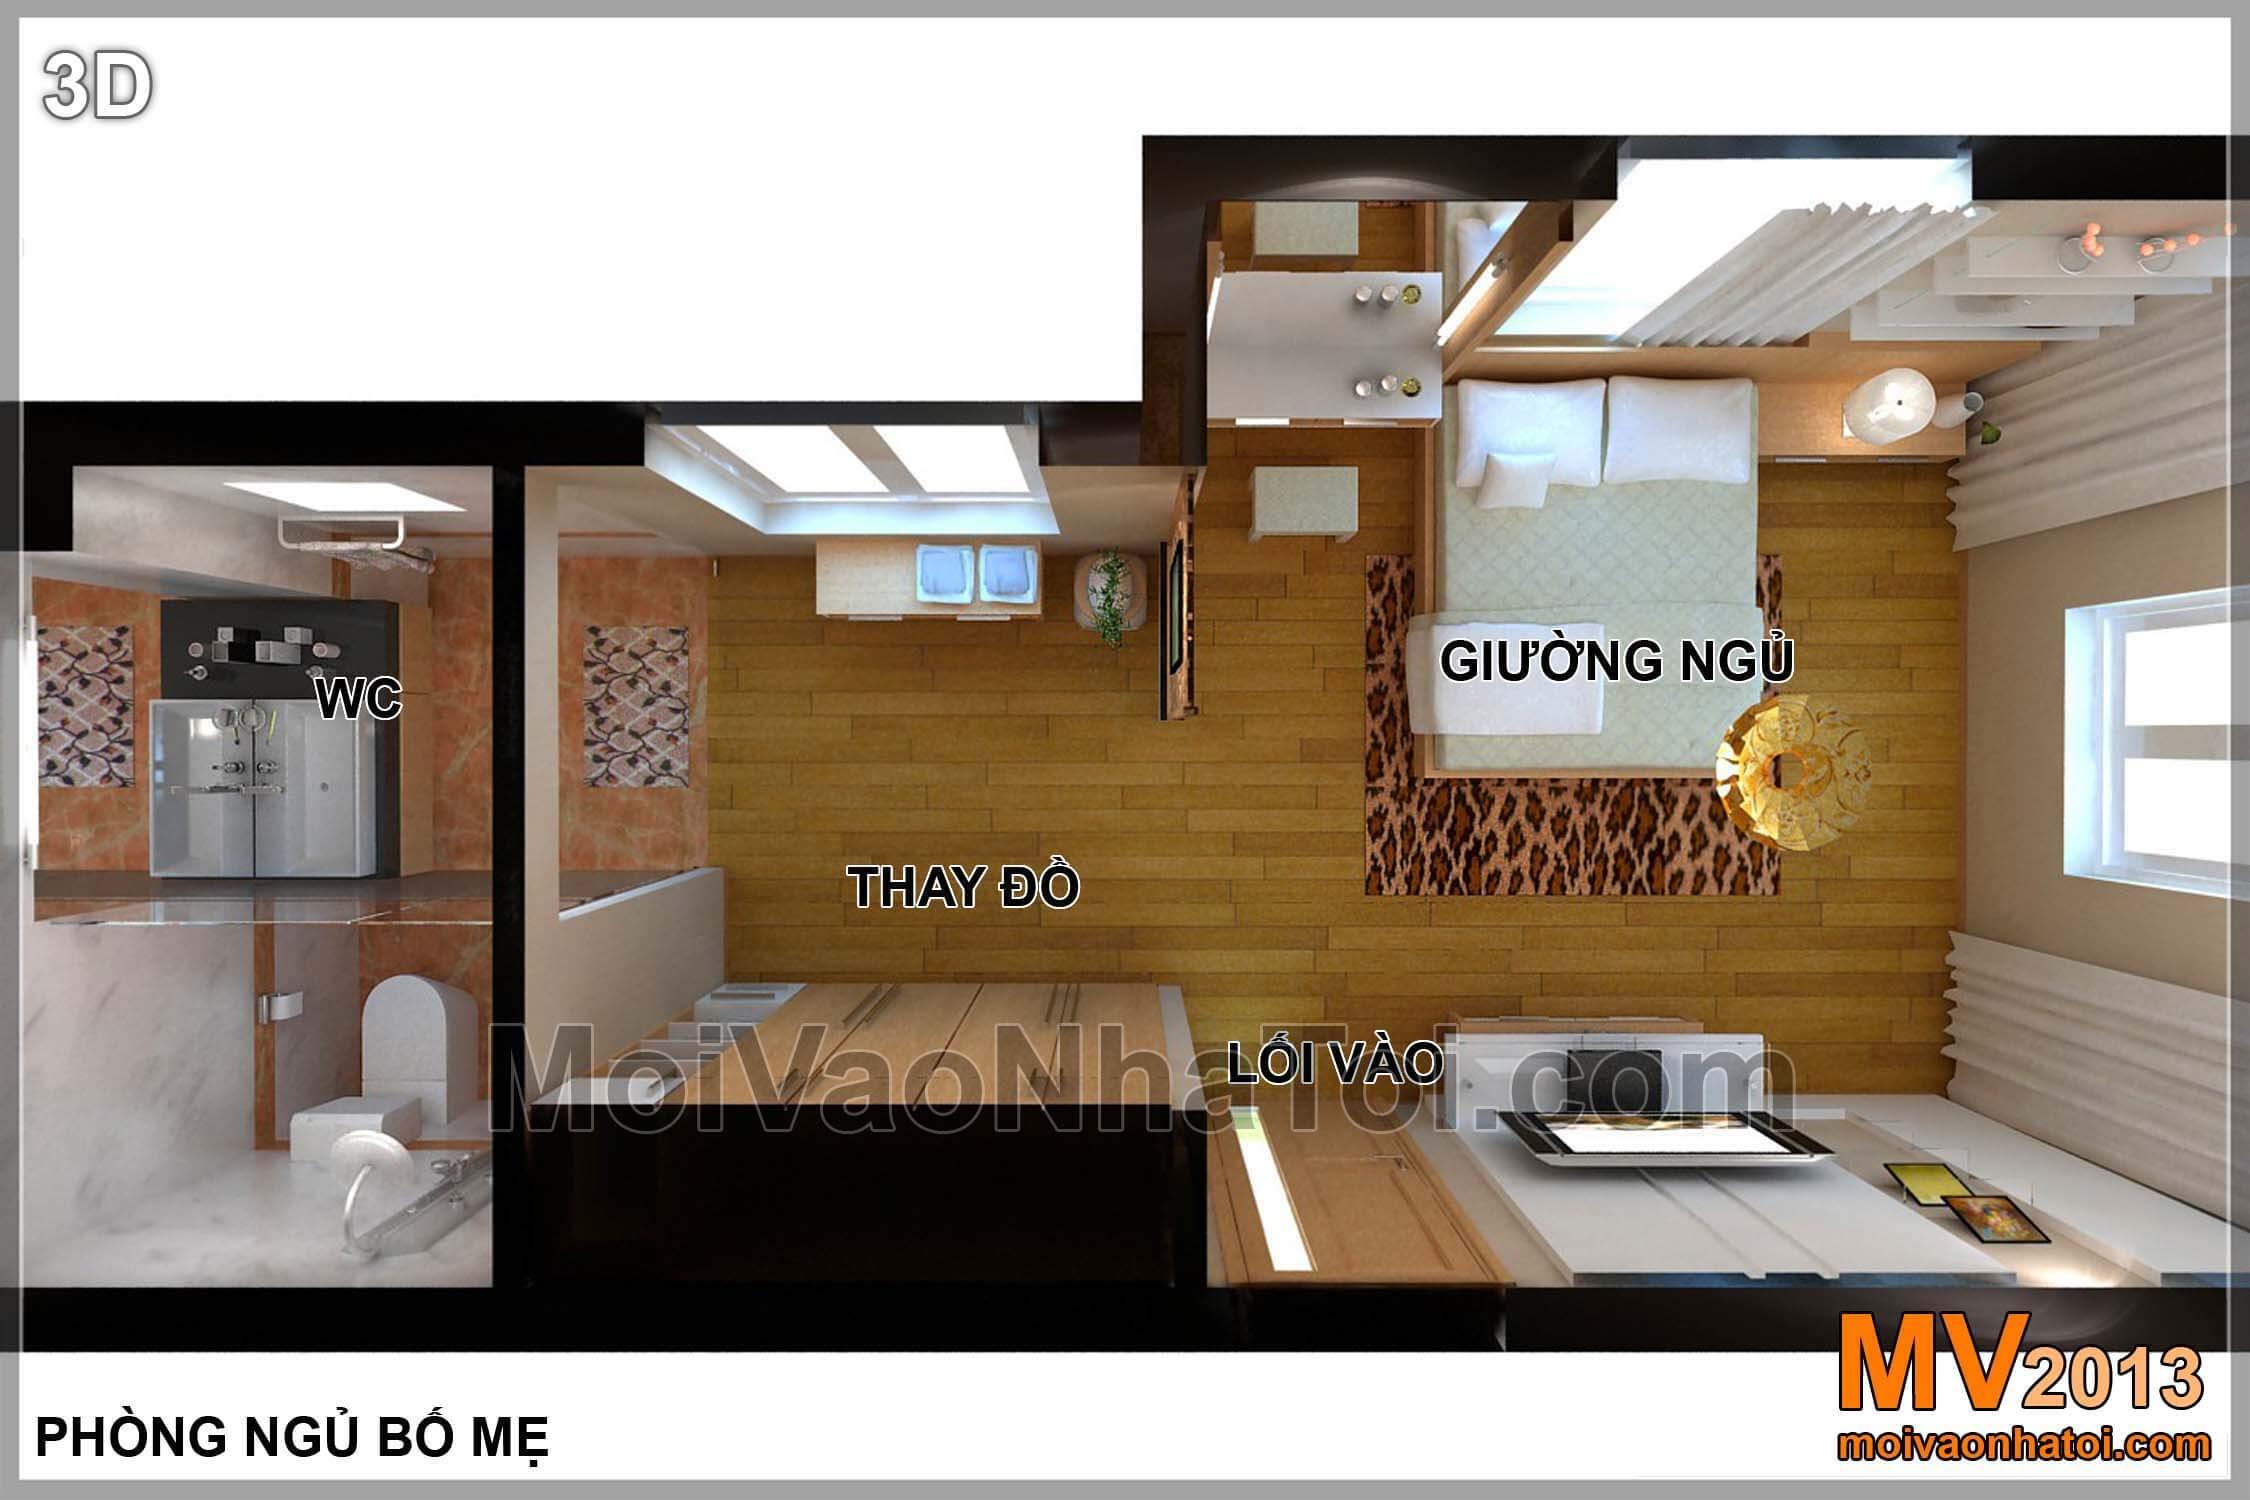 Mặt bằng biệt thự Việt Hưng BT - nội thất tầng 2 - phòng ngủ bố mẹ